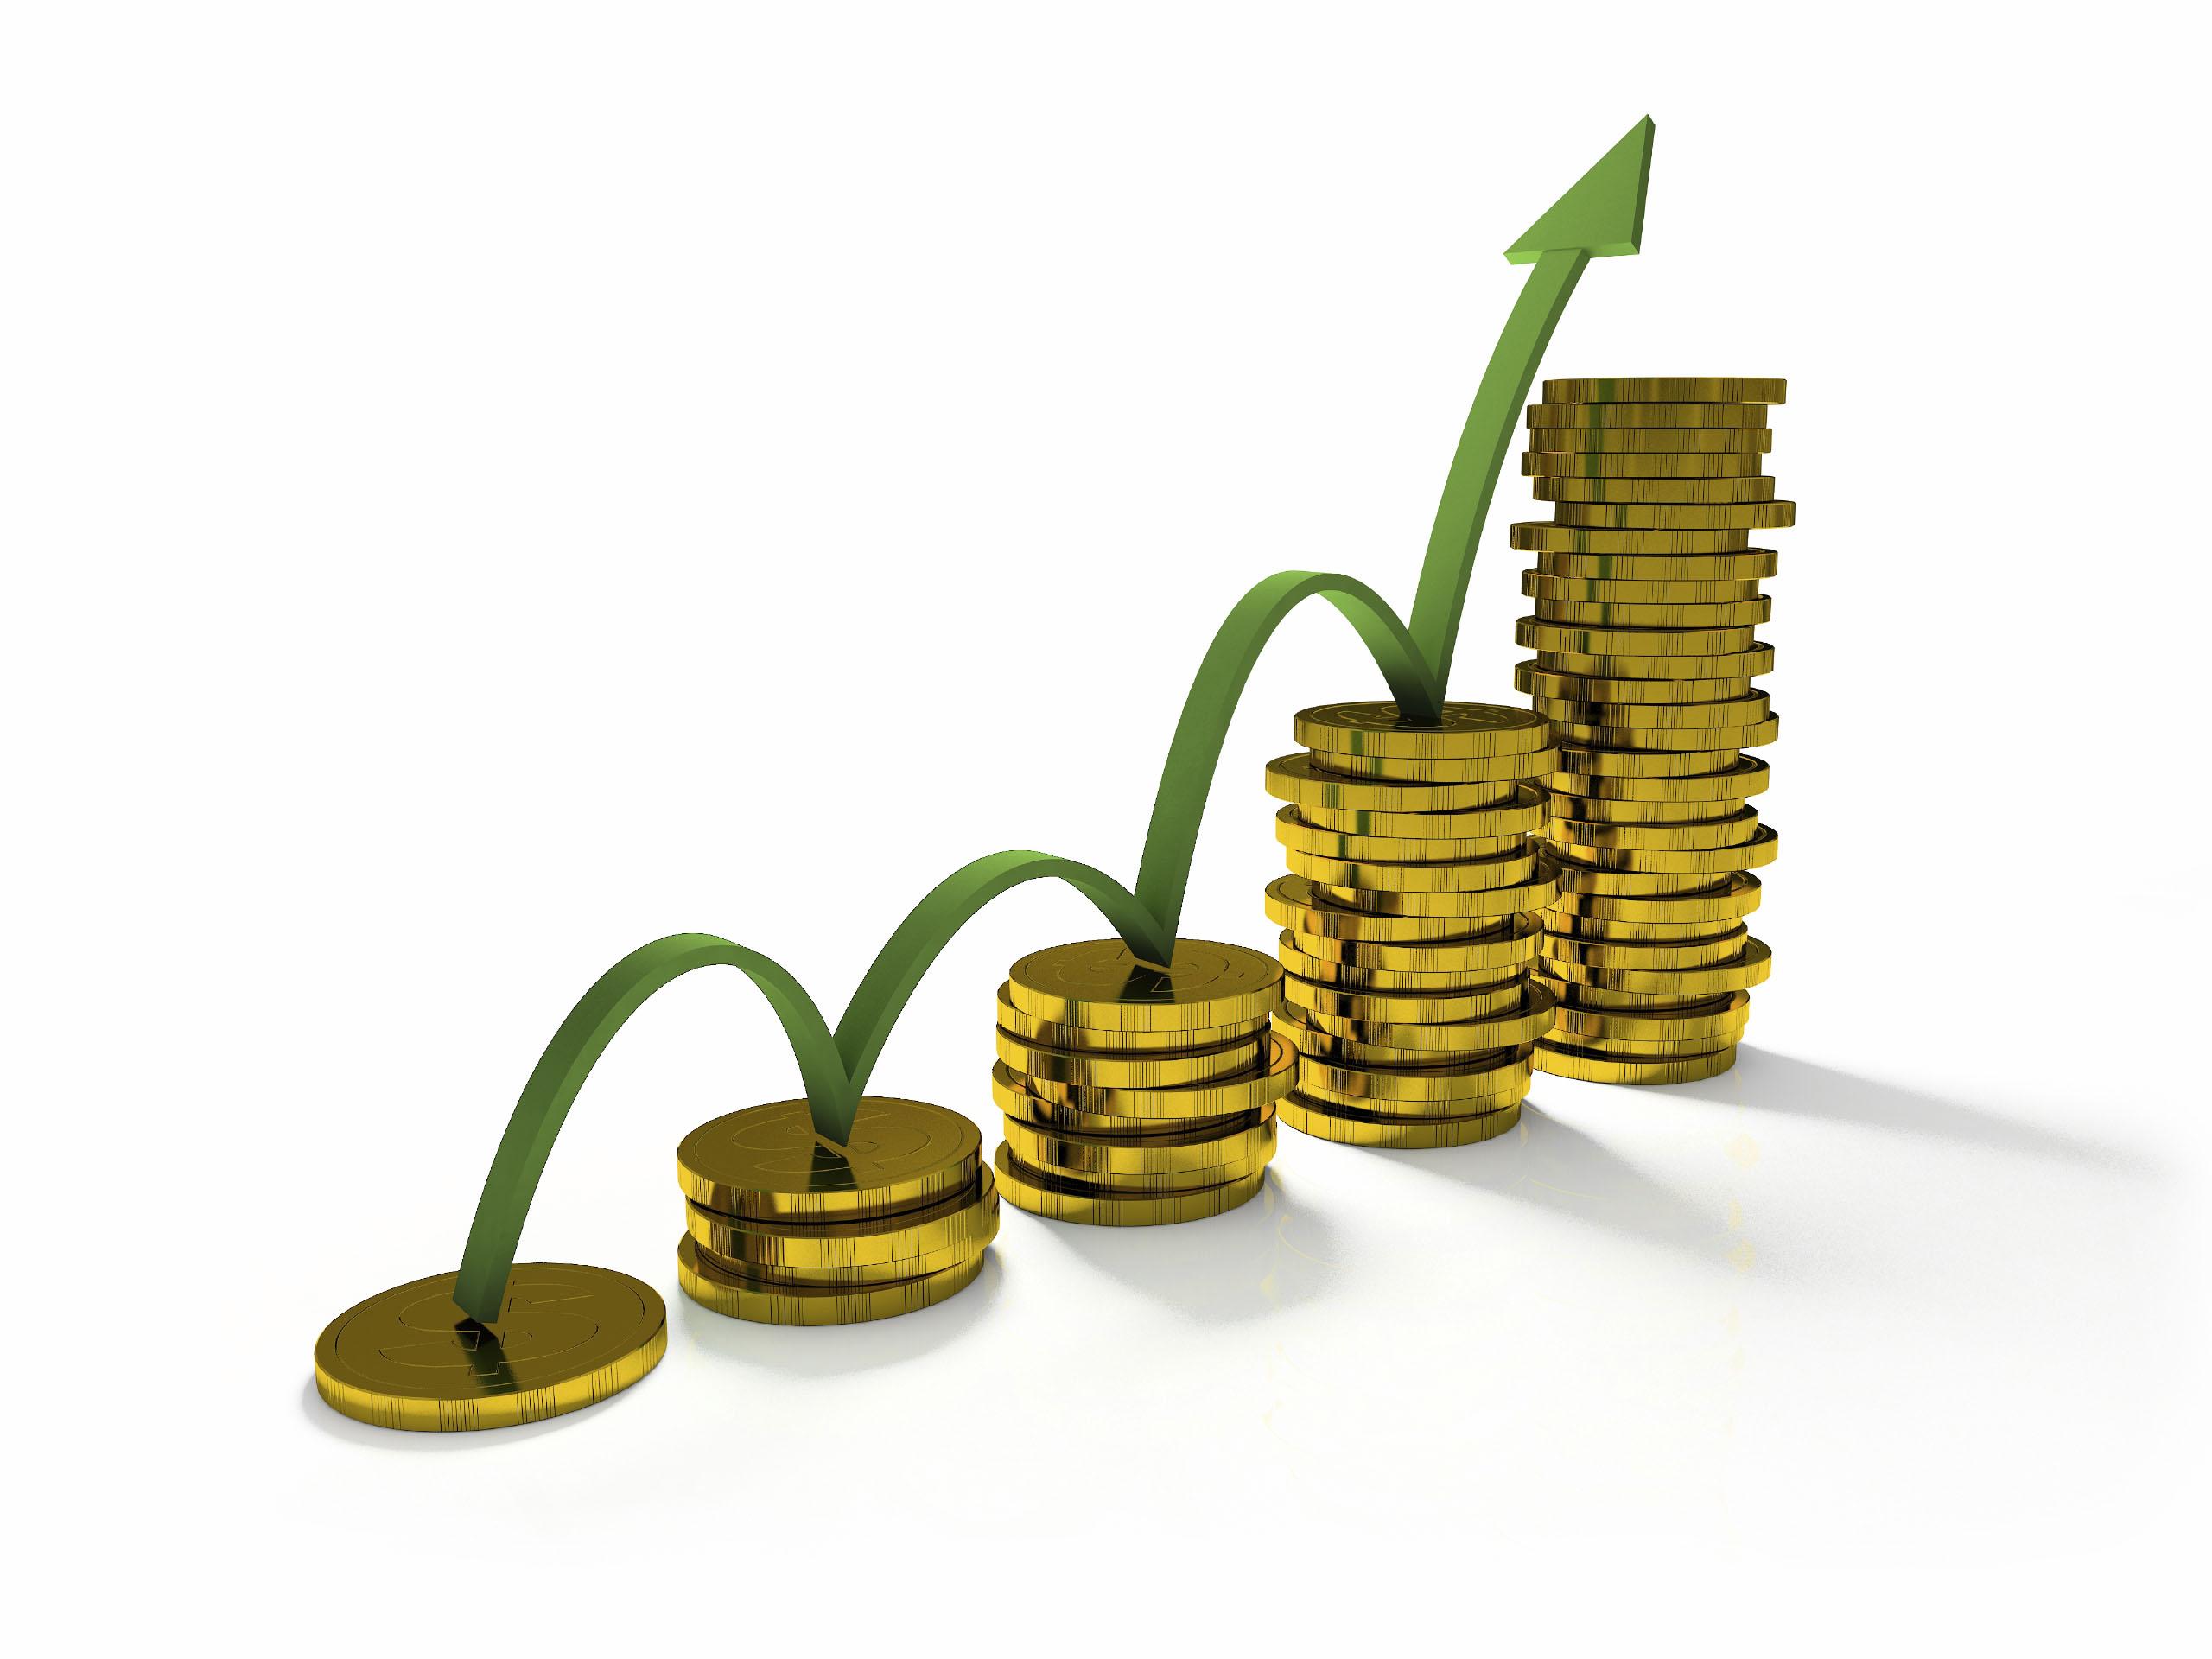 超短期定期預金 利用